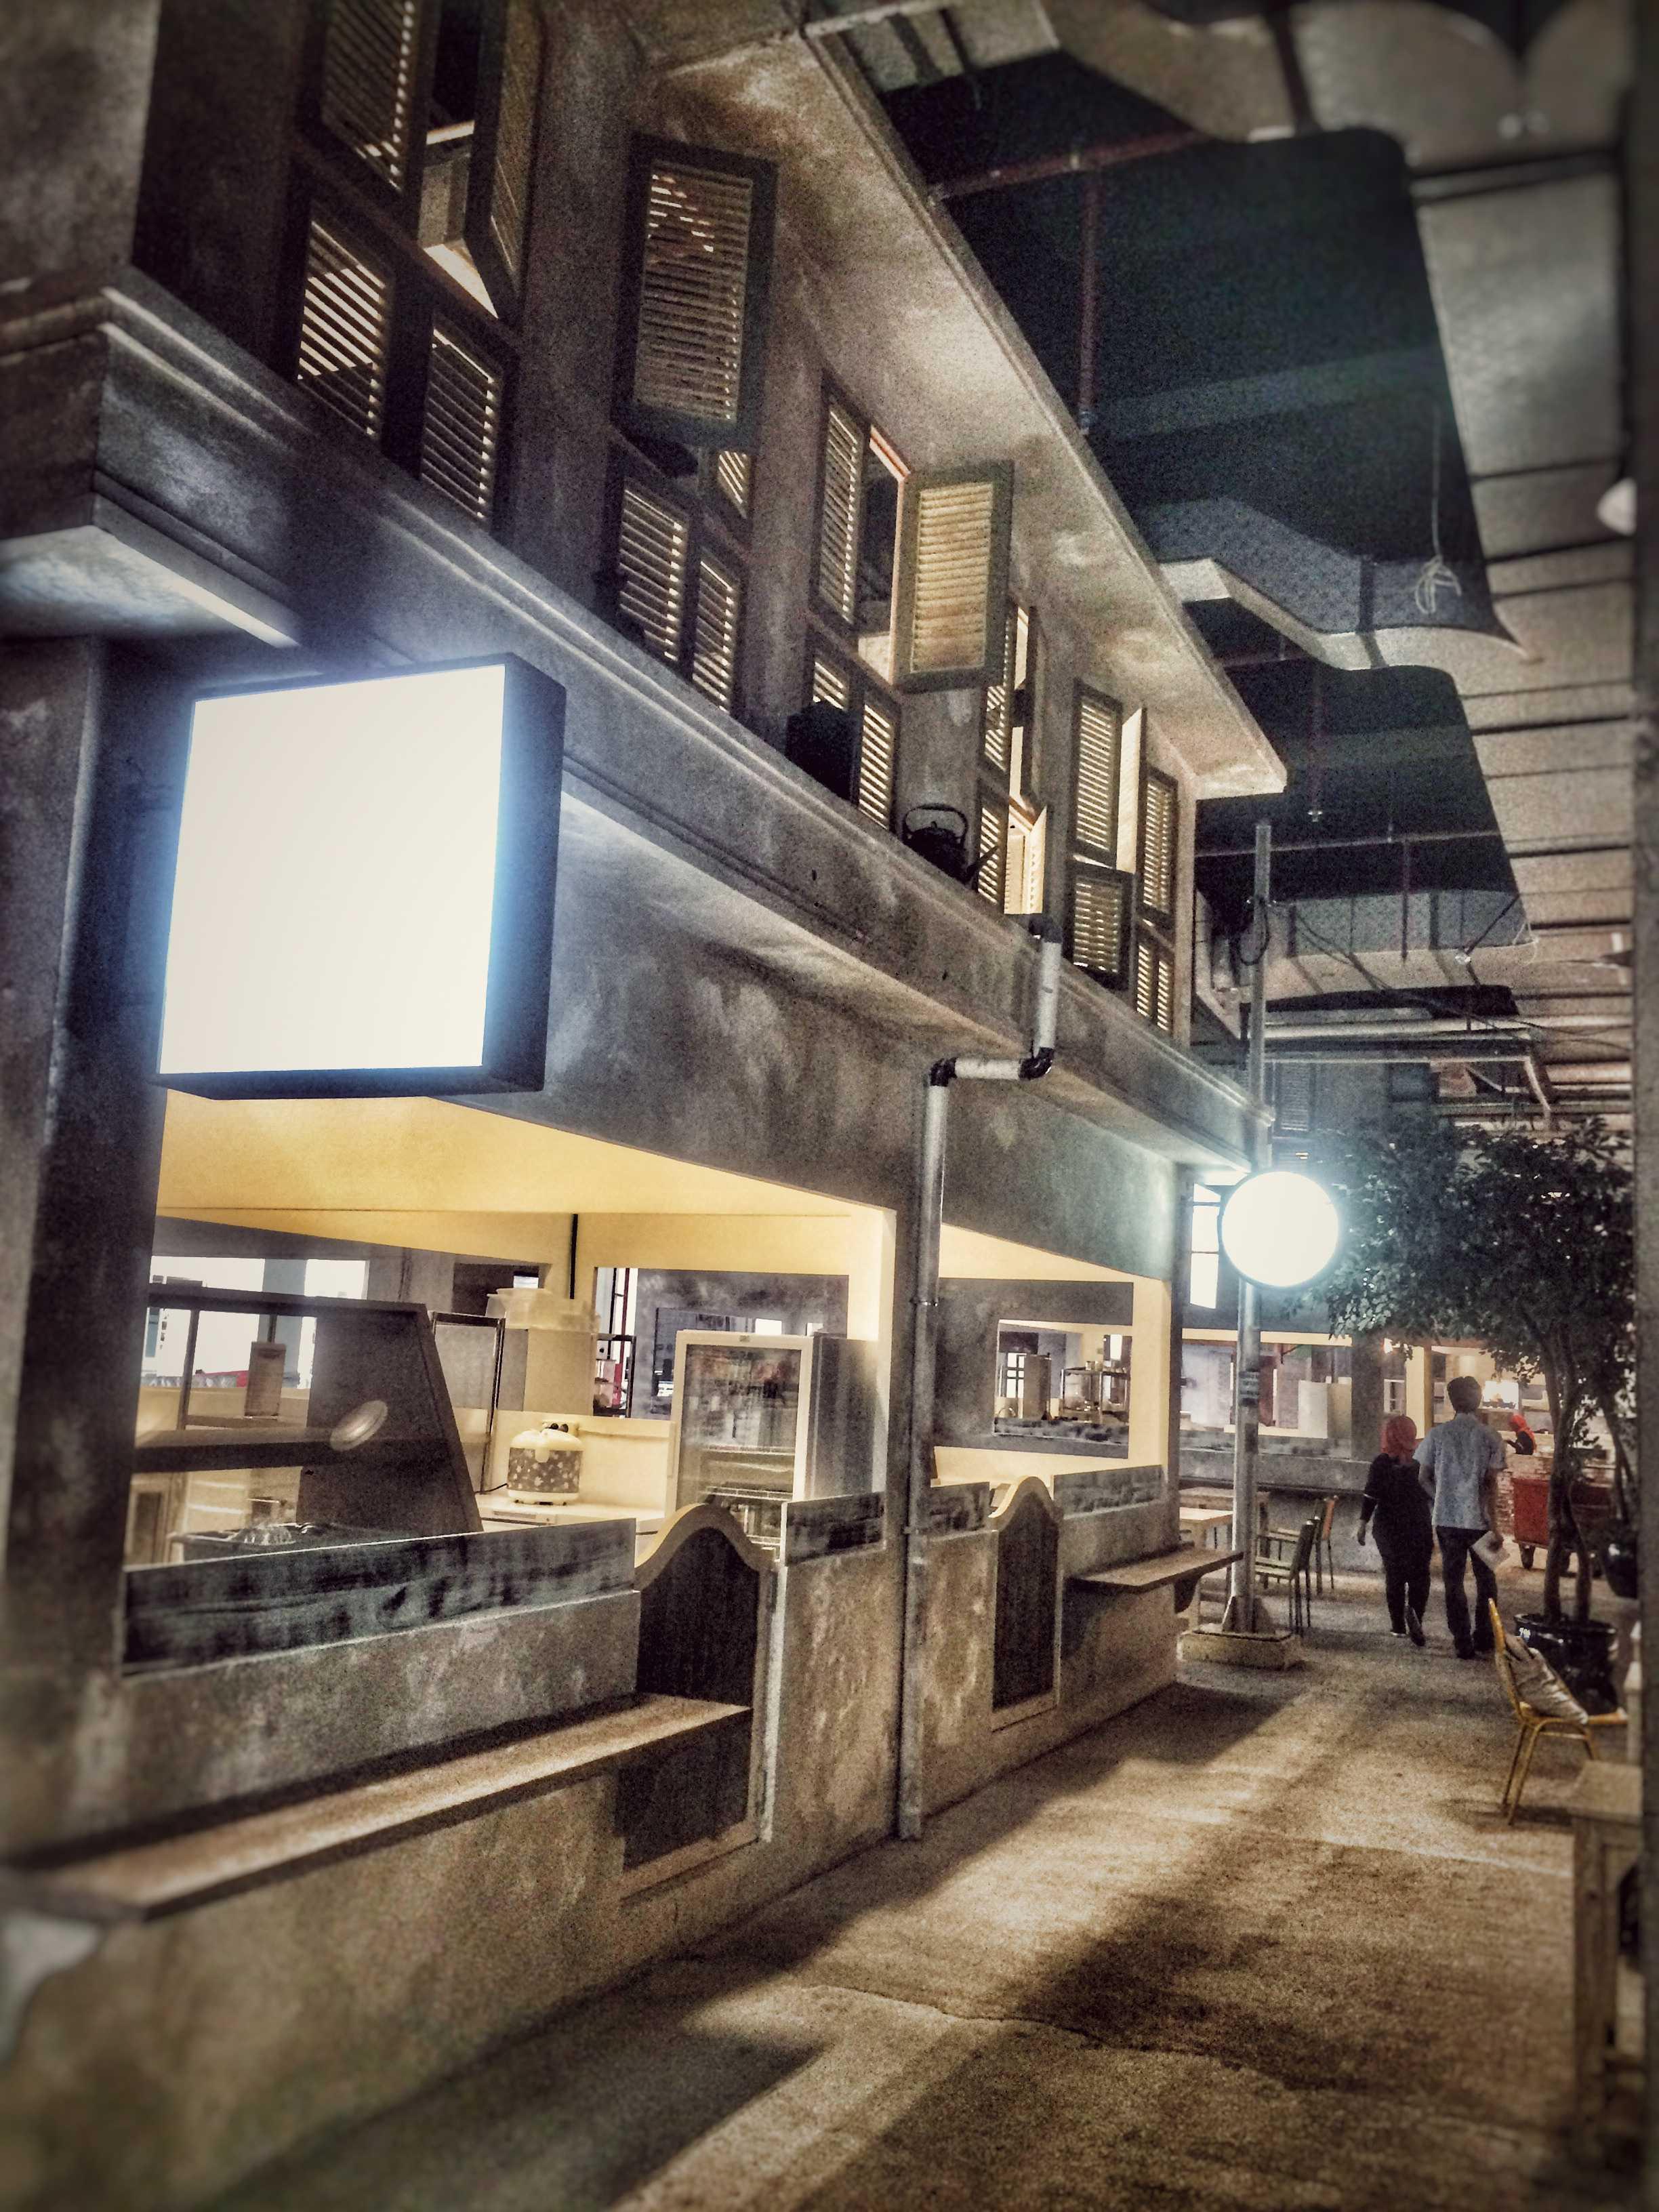 Pt. Labblu Creatif Ide Tangkiwood Foodhall Bekasi, West Java, Indonesia  Bekasi, West Java, Indonesia  Food-Court-Area   17176